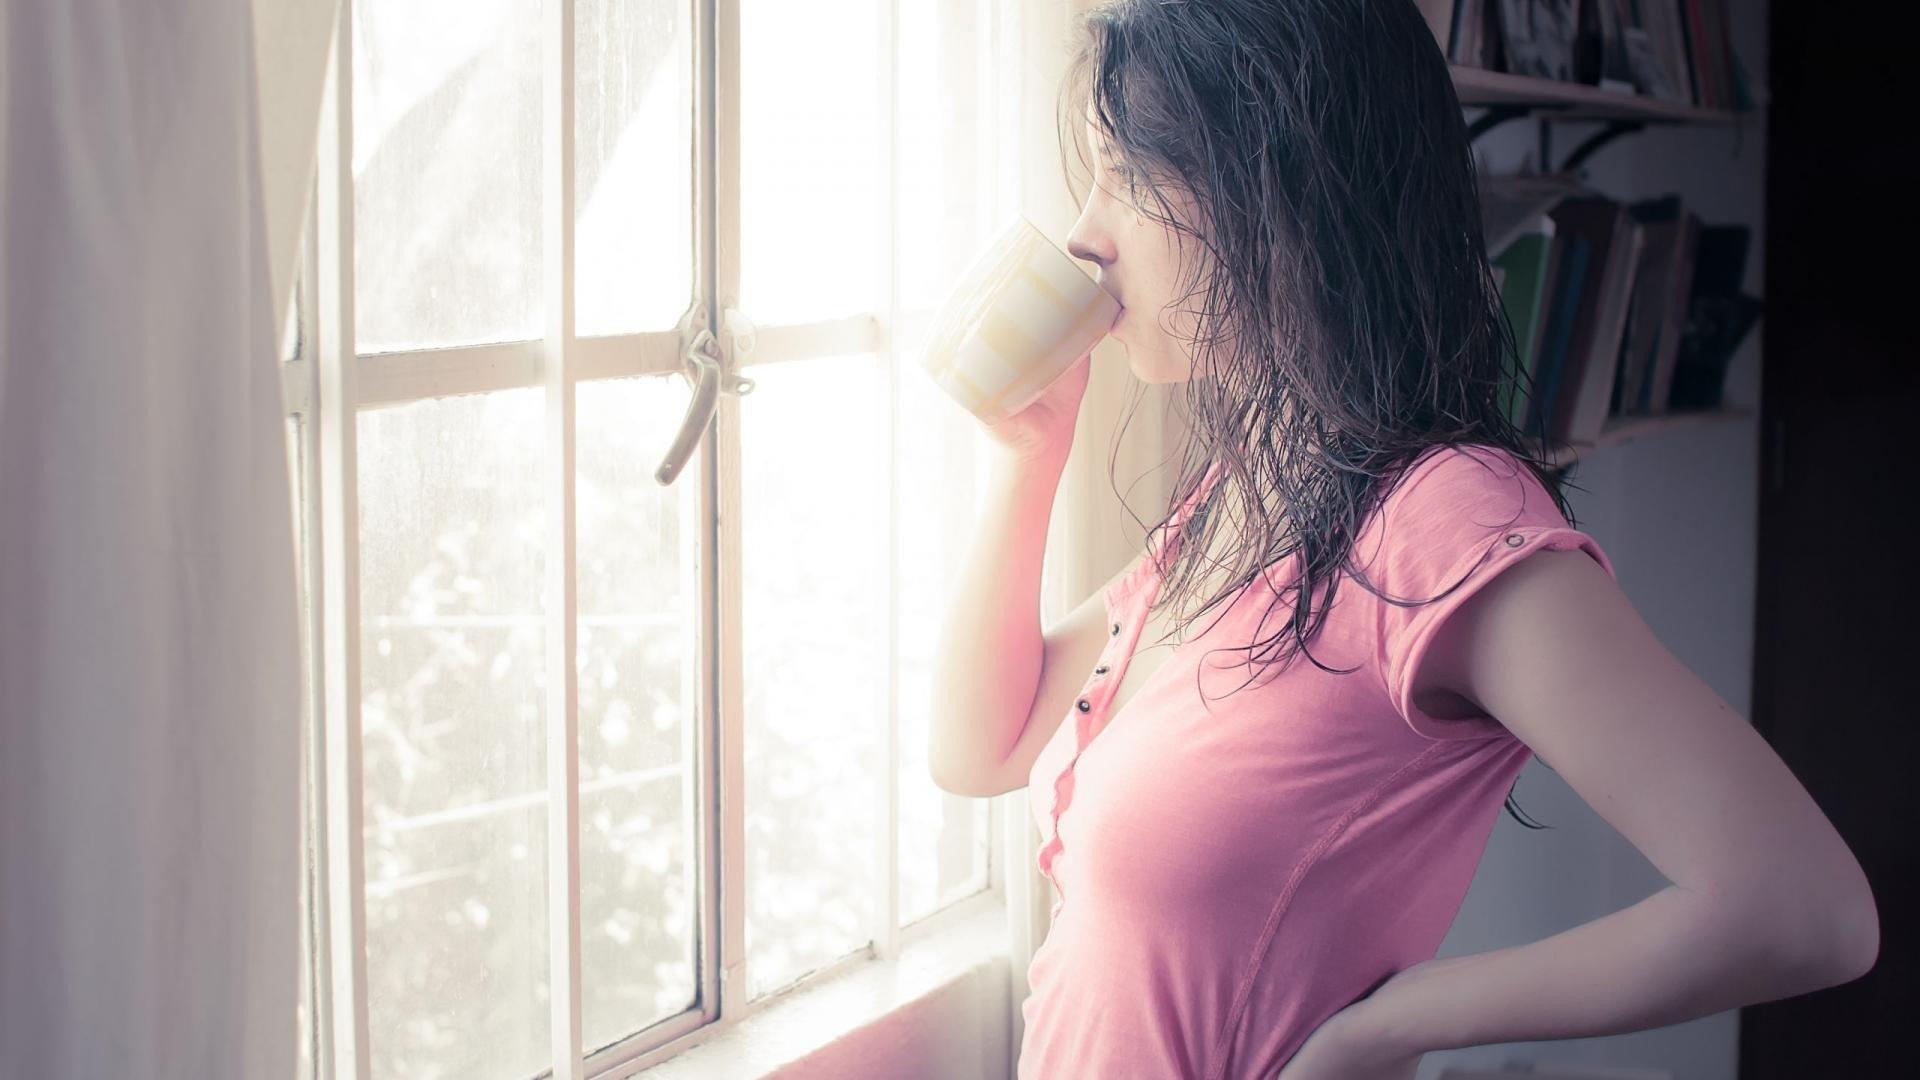 Обои настроение, Девочка, окно. Разное foto 10